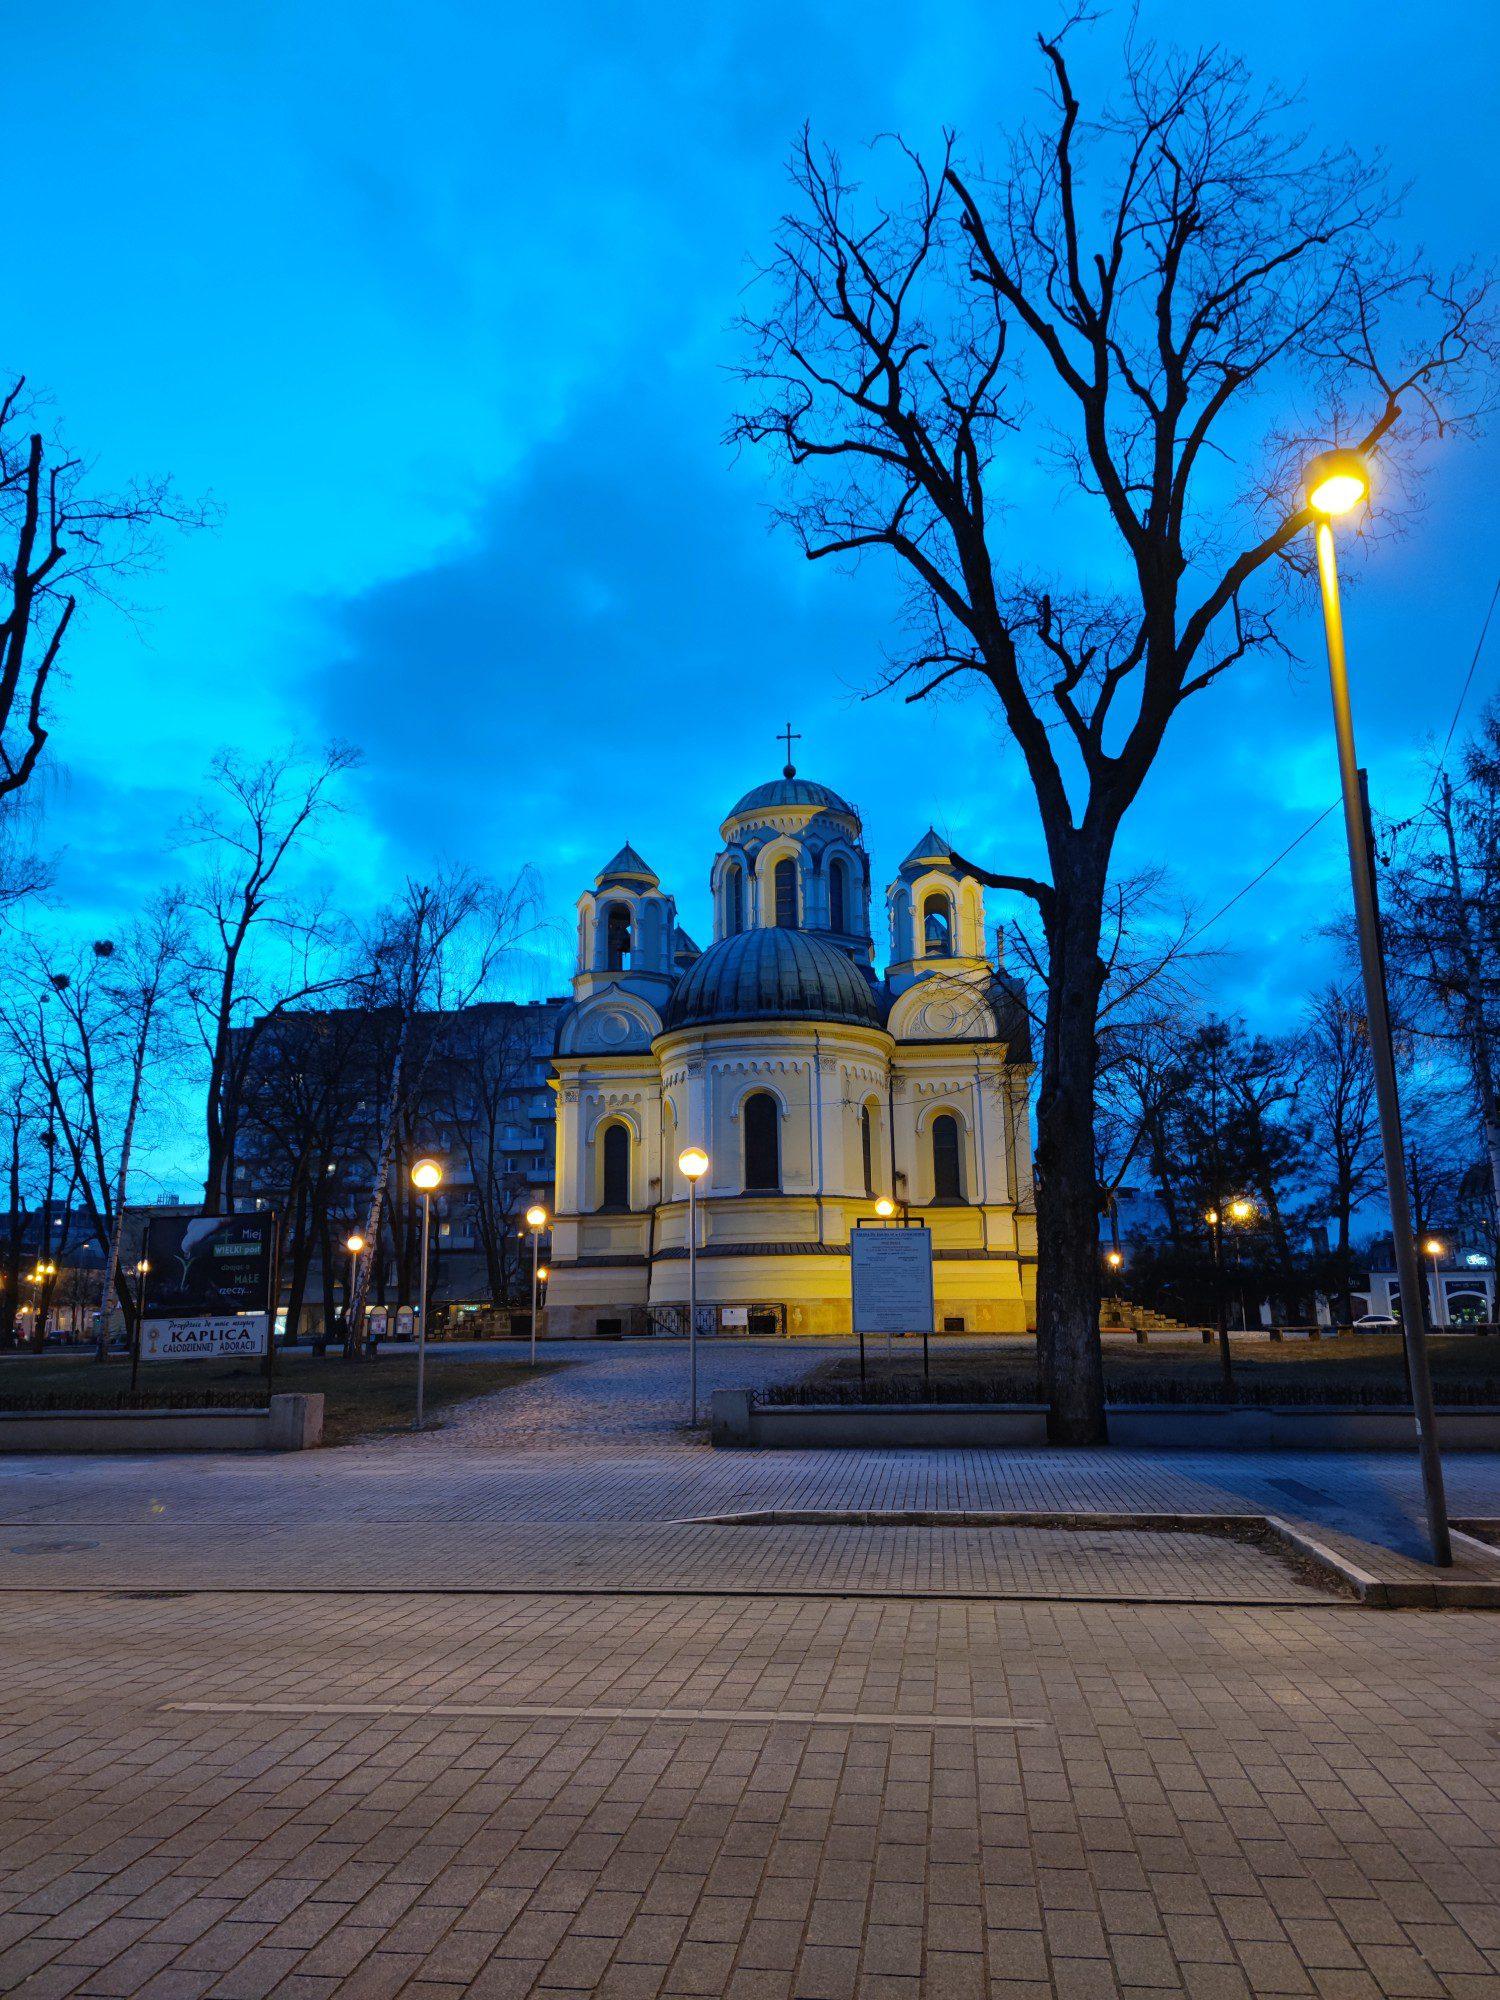 kościół wieczorem w trybie nocnym Mi 11